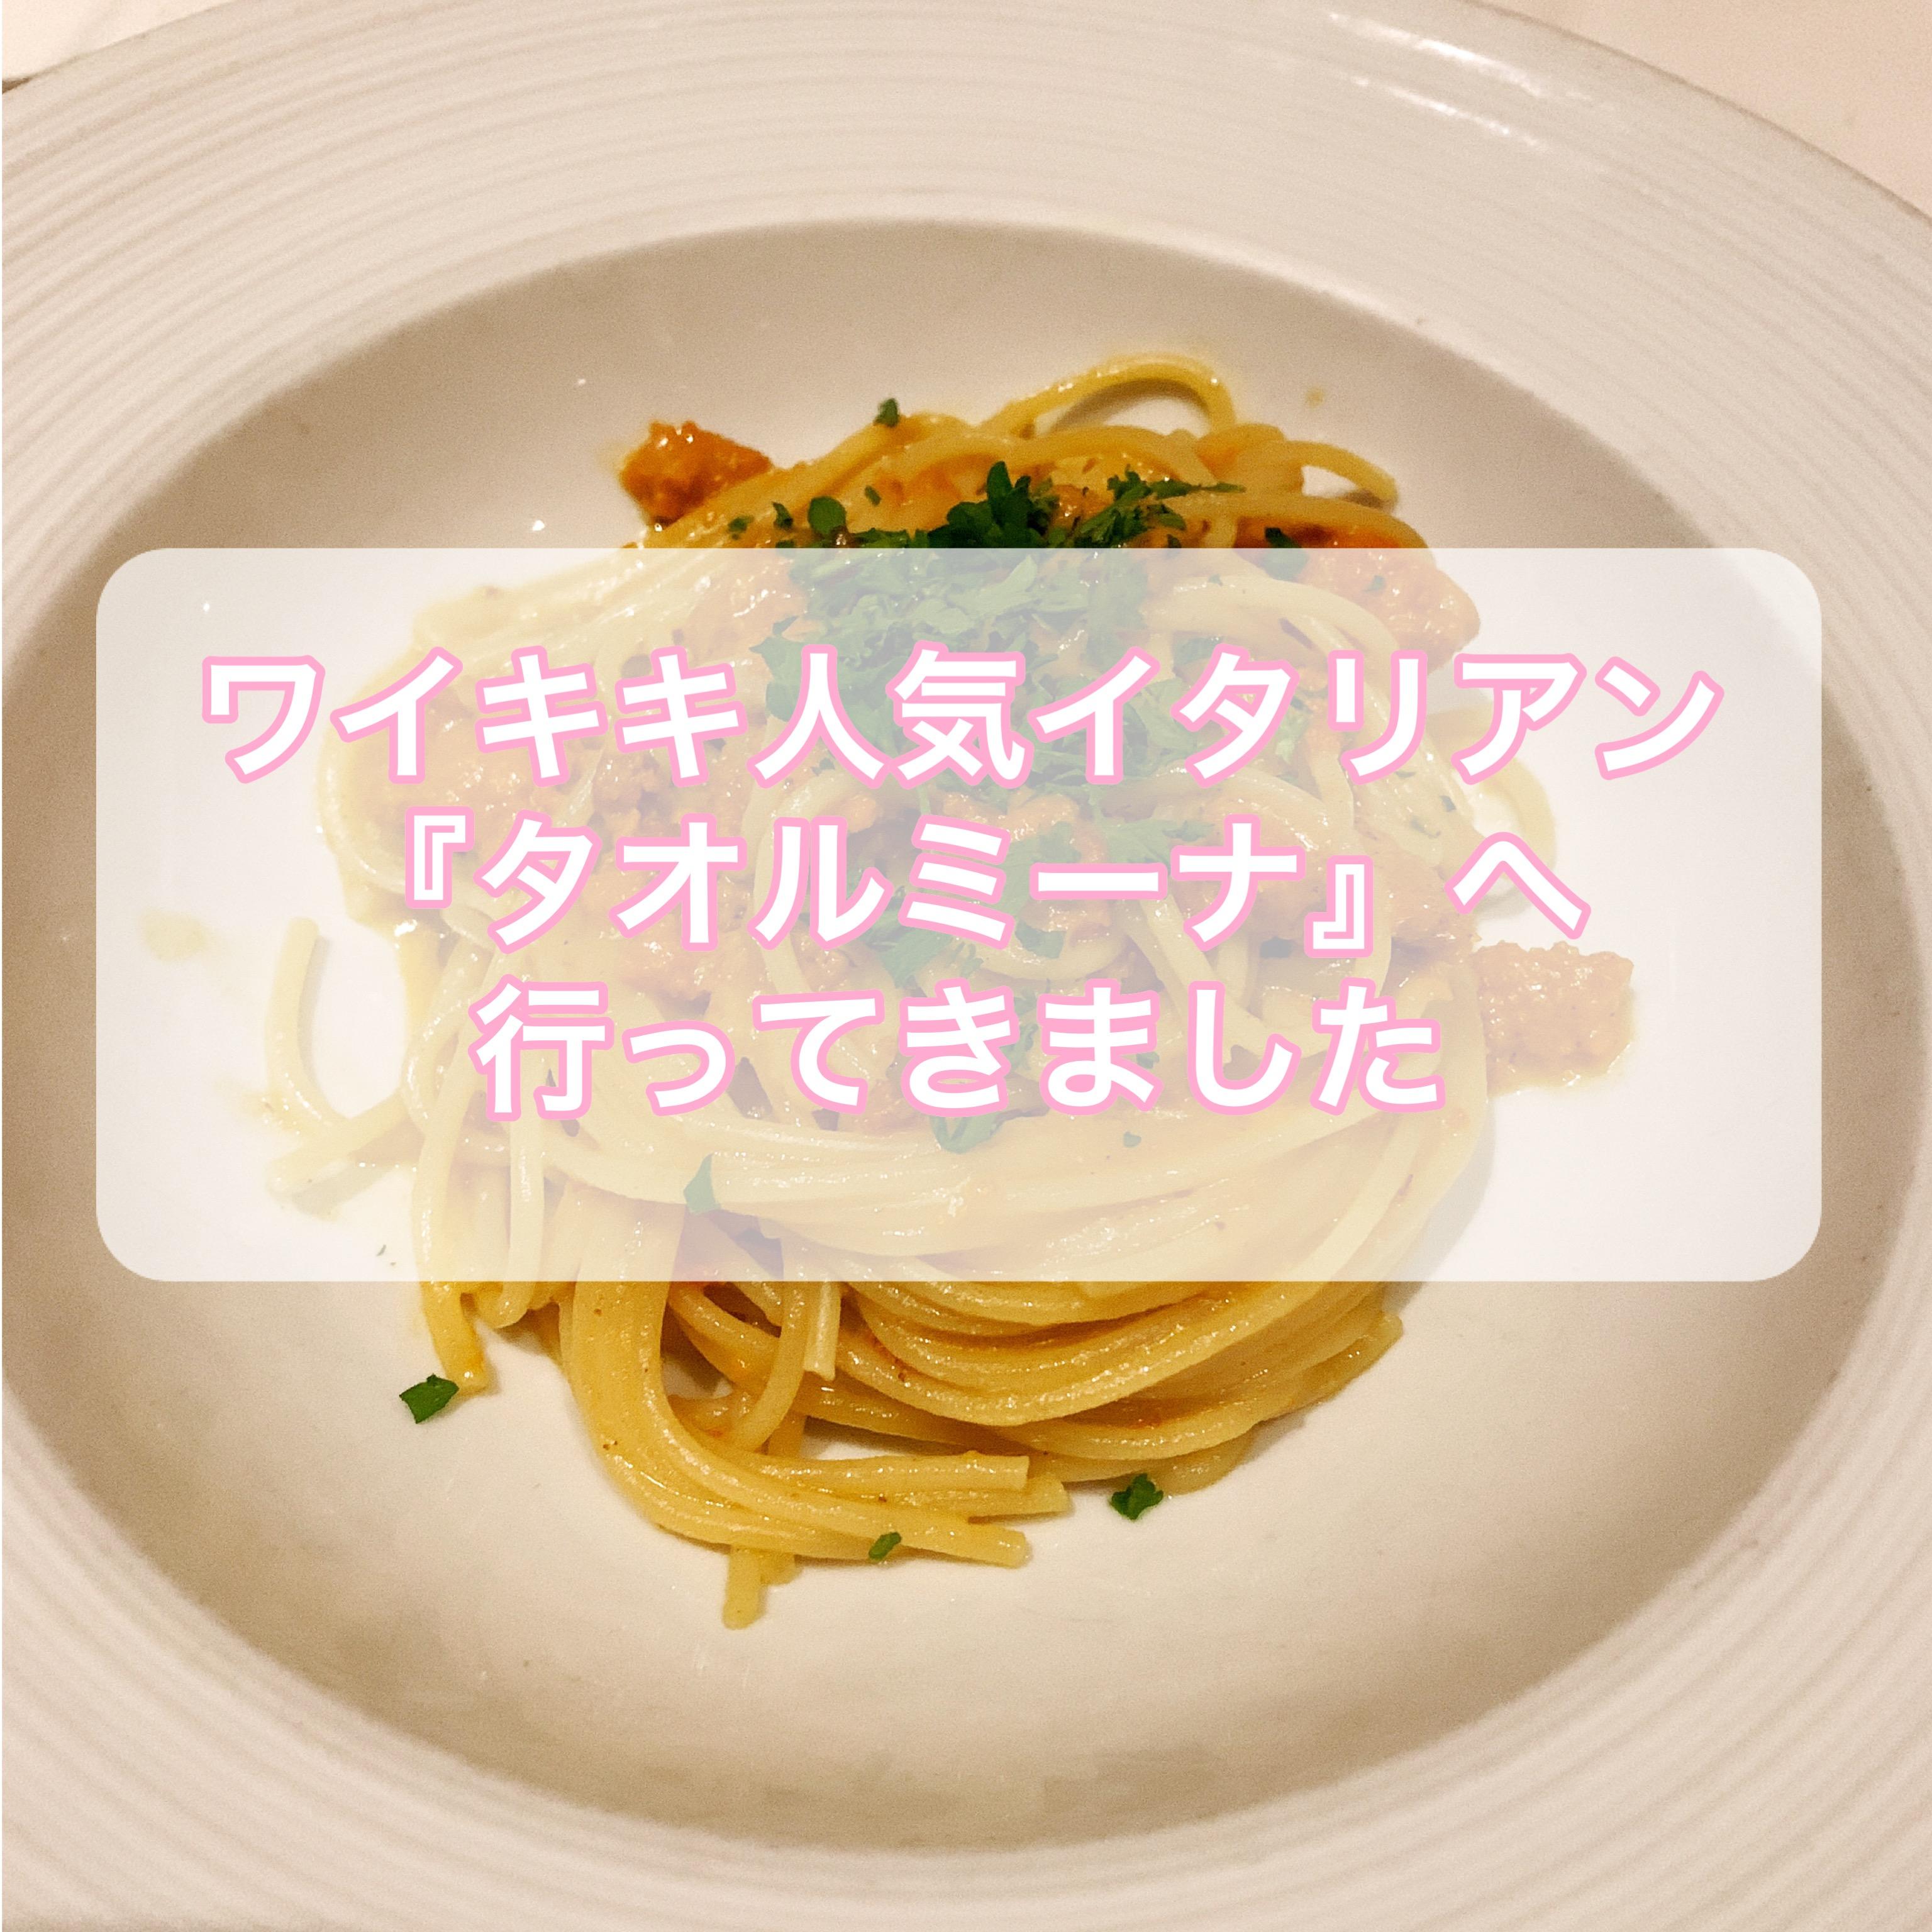 【ハワイグルメ】「タオルミーナ」人気イタリアンレストランでディナー【メニュー】